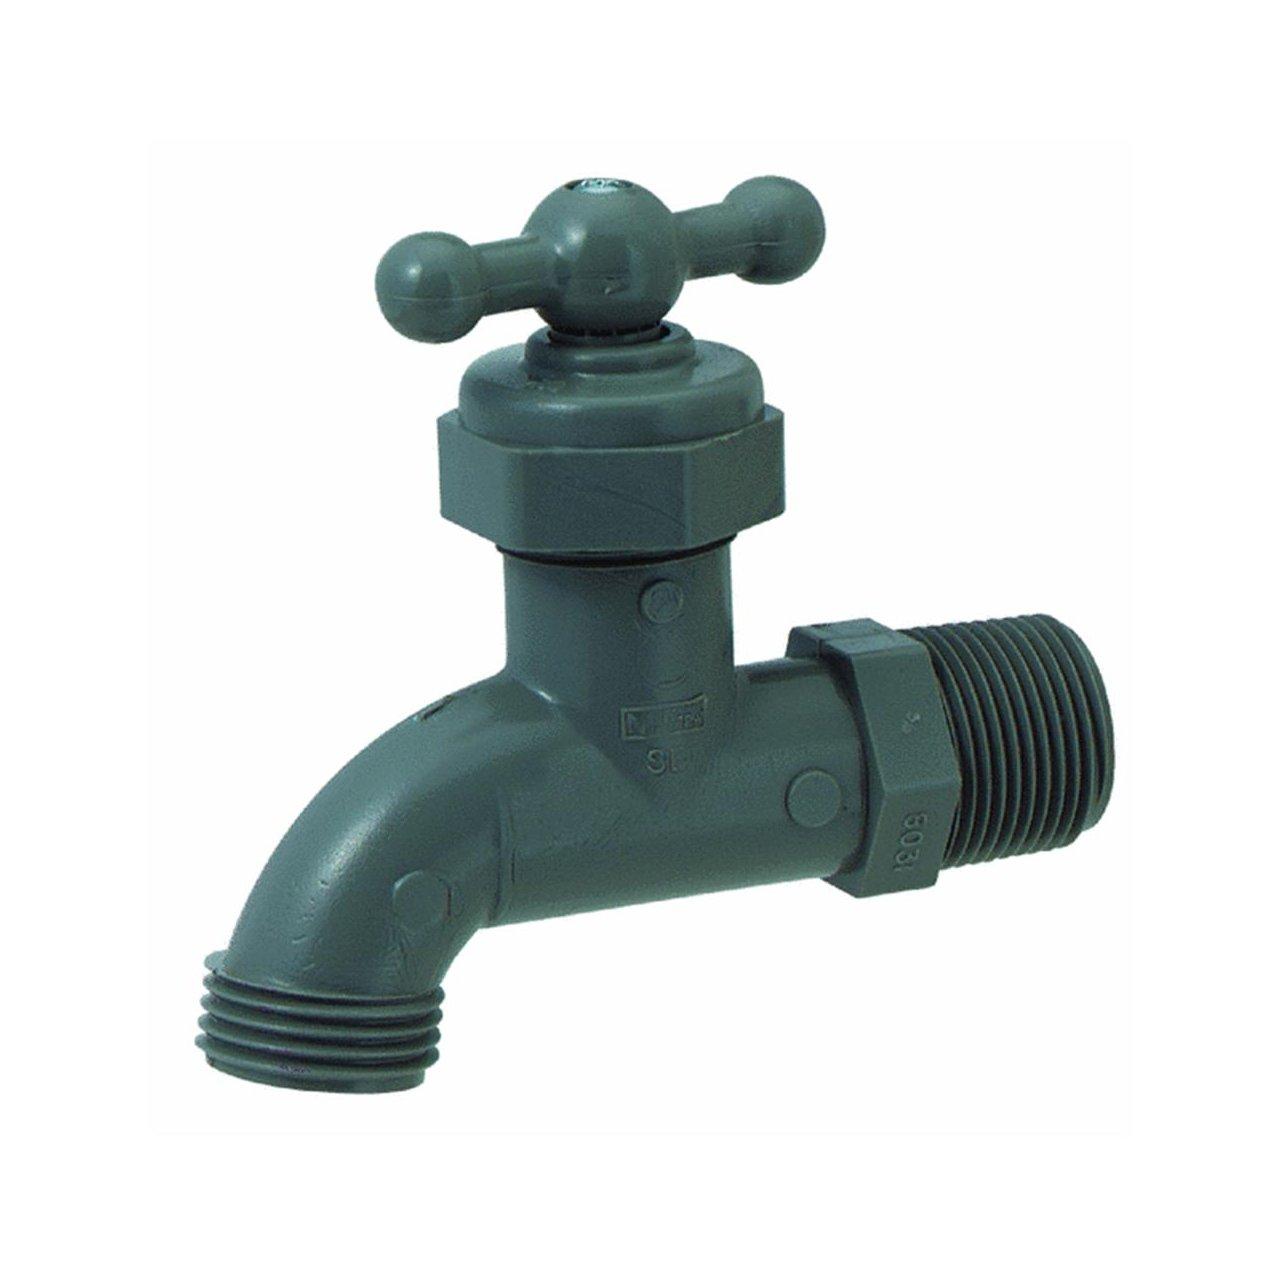 Beautiful Hose Faucet Illustration - Sink Faucet Ideas - nokton.info